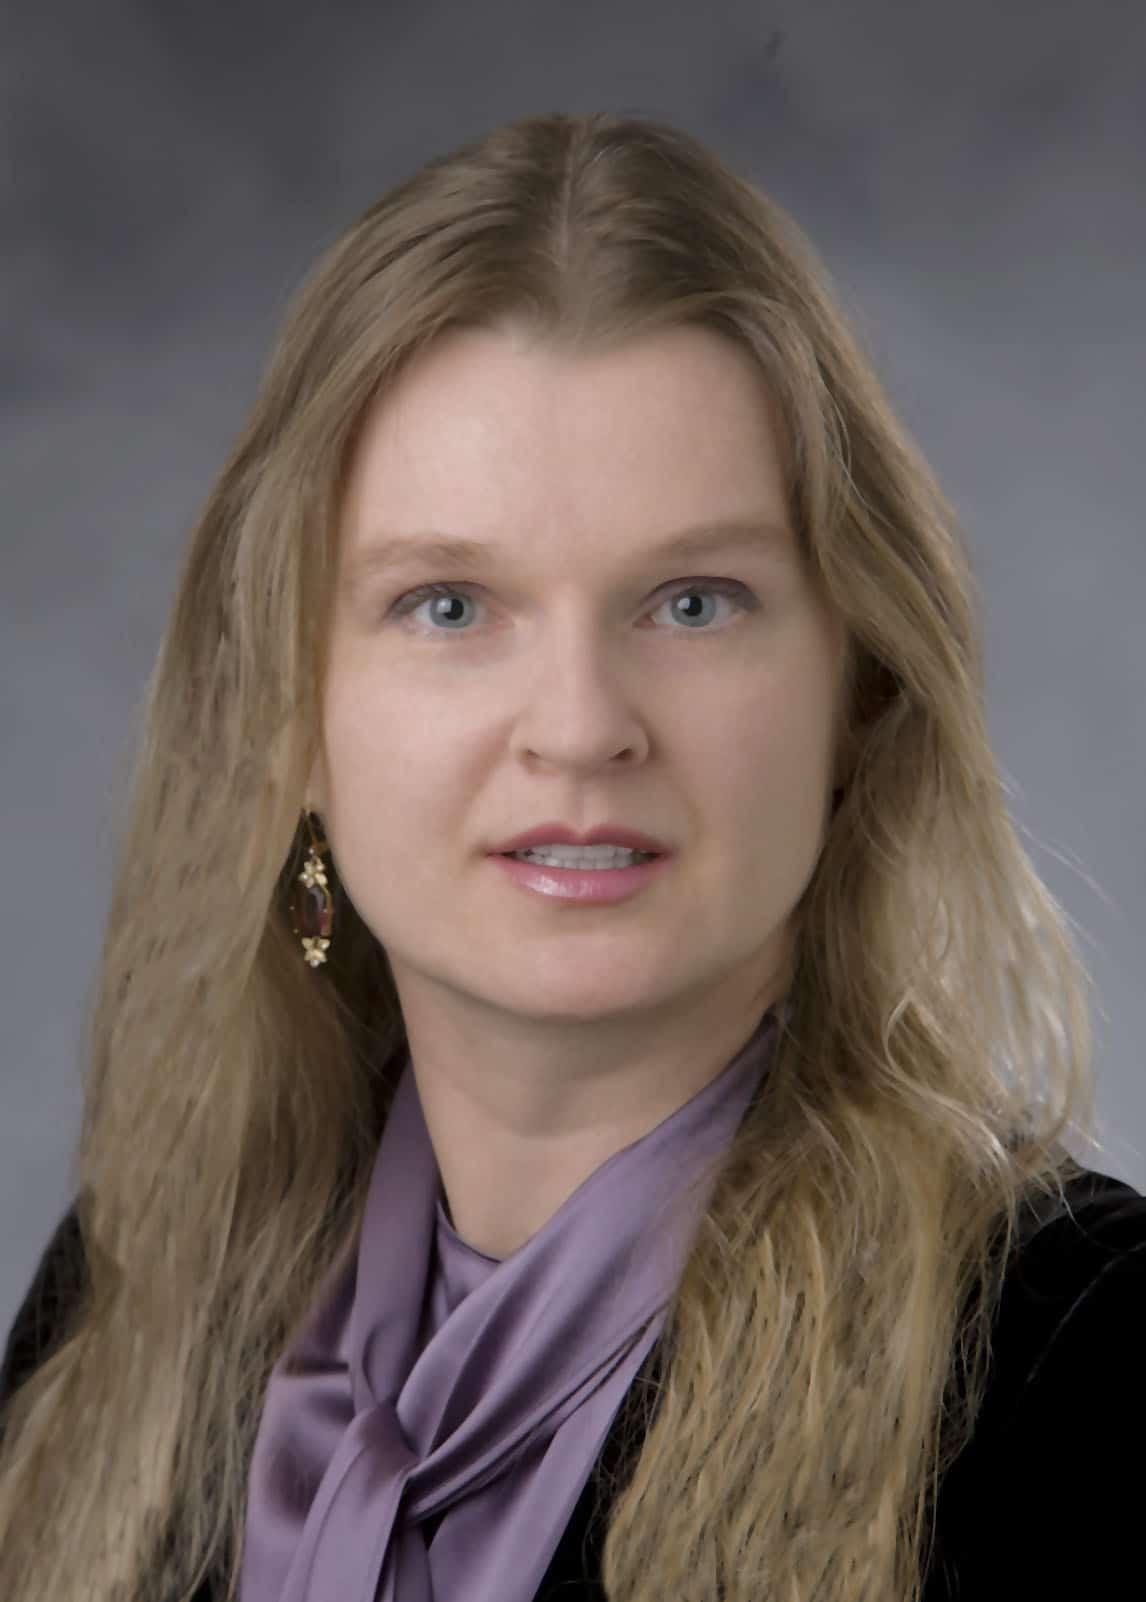 Julia Kravchenko, official Duke headshot